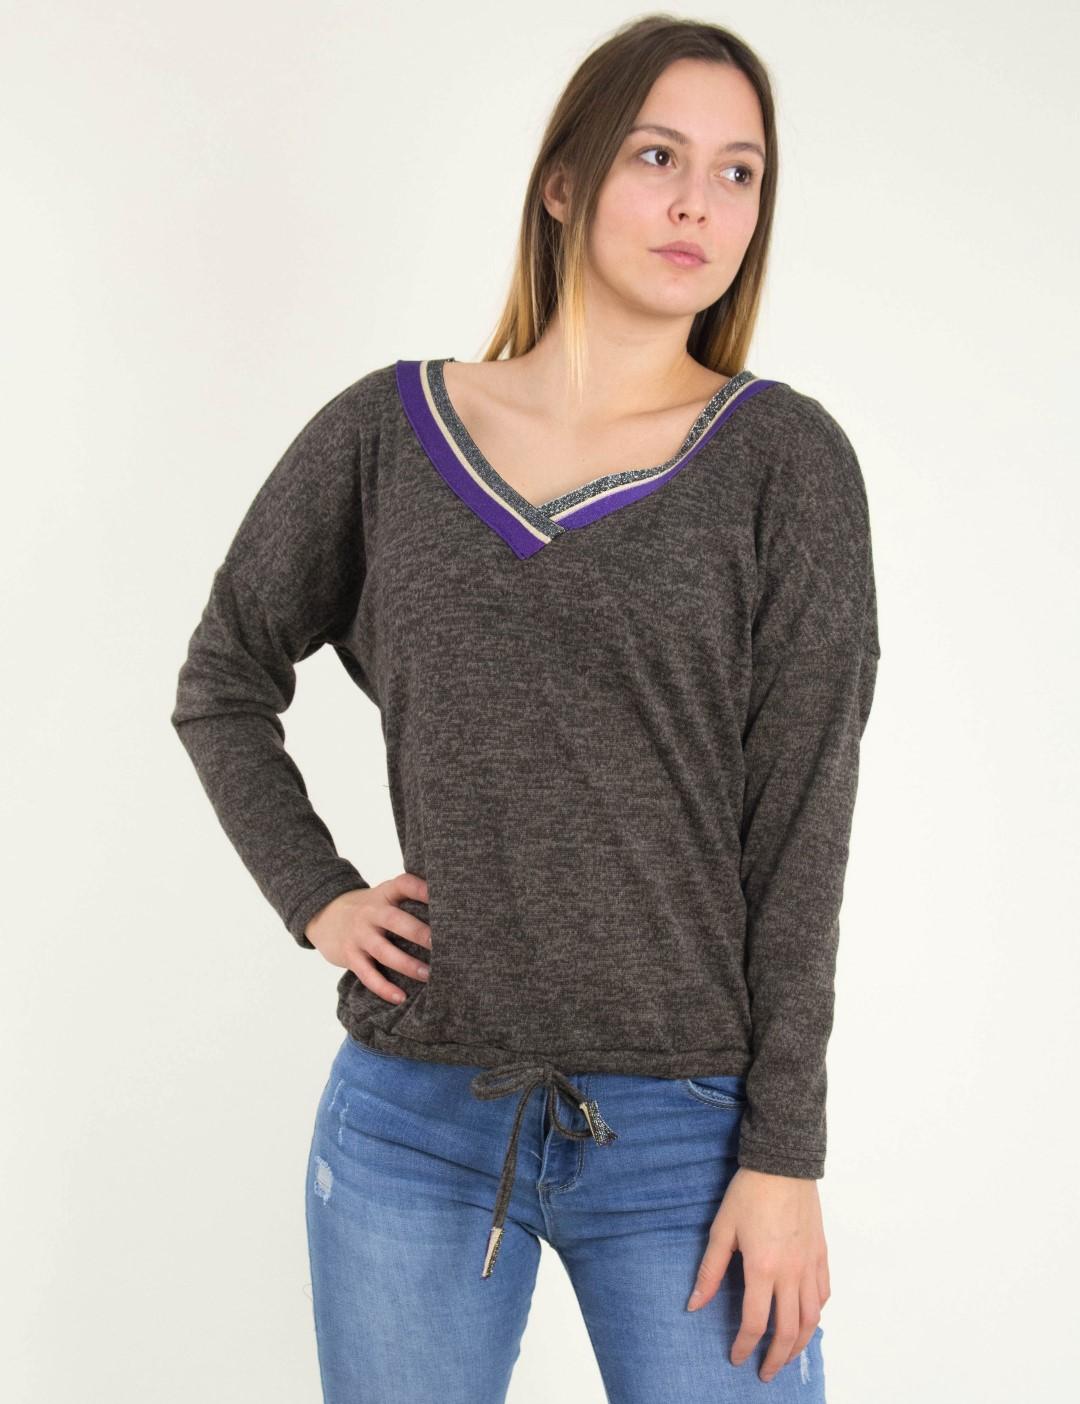 Γυναικεία καφέ μακρυμάνικη μπλούζα Ve Benissimo 39479G 7231e962fc0